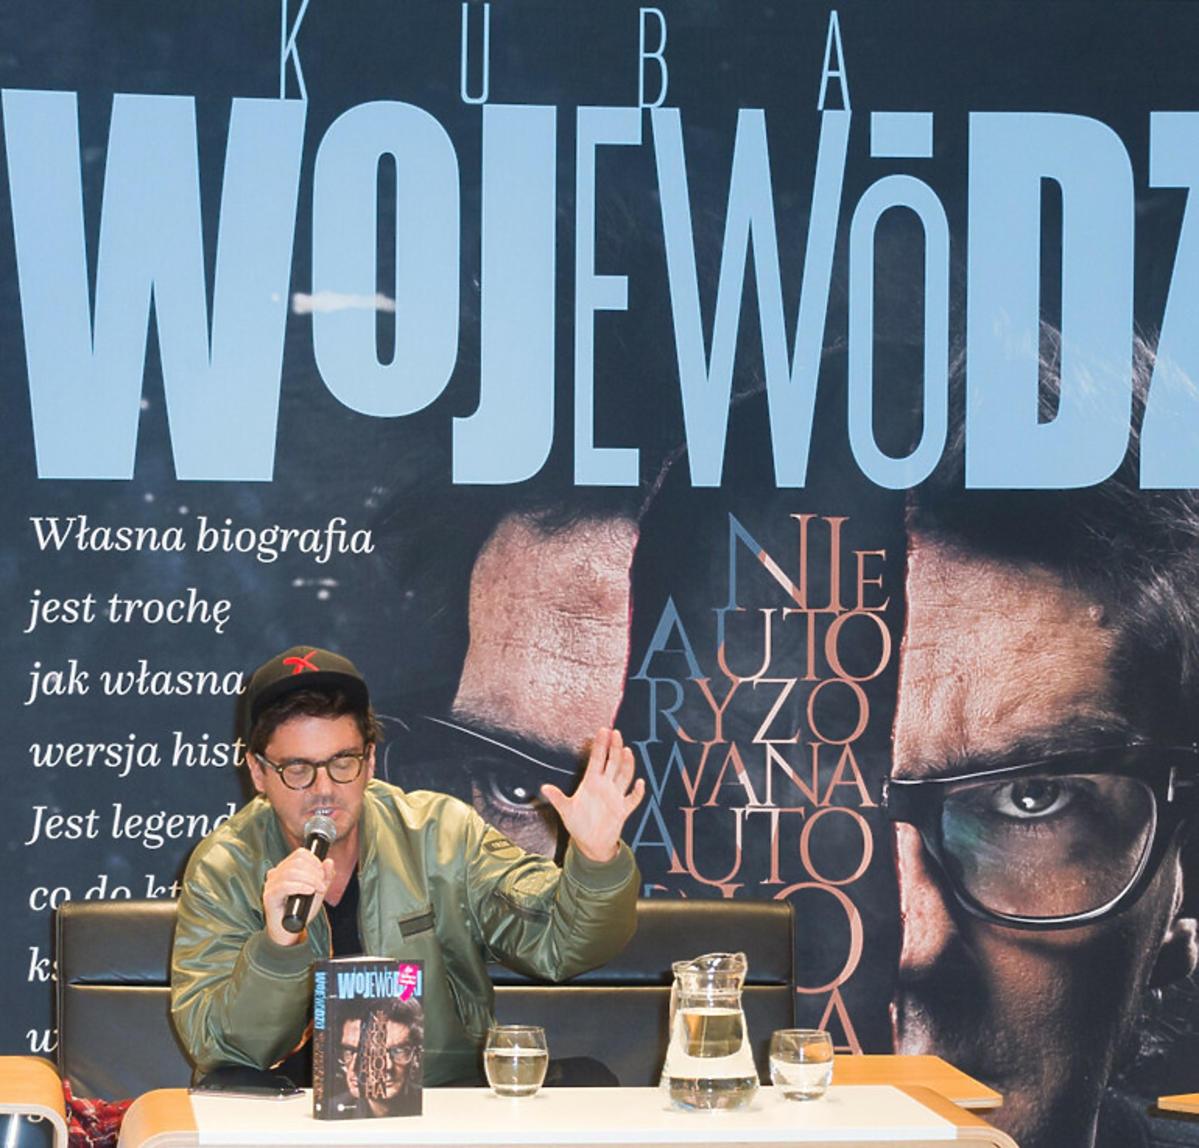 Kuba Wojewódzki prezentują swoją autobiografię